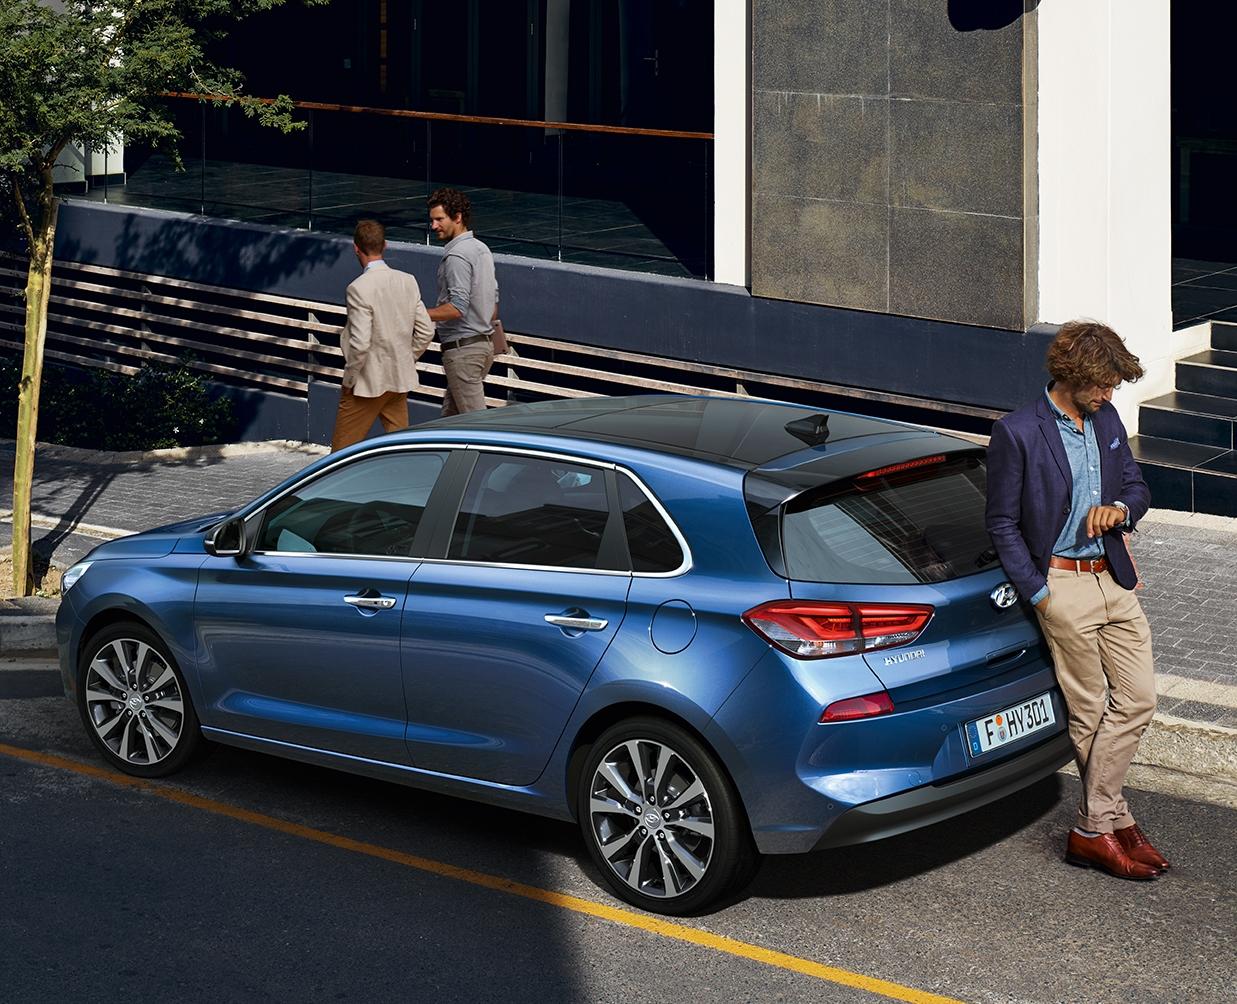 Parima hinnaga Hyundai i30 luukpära Topautost